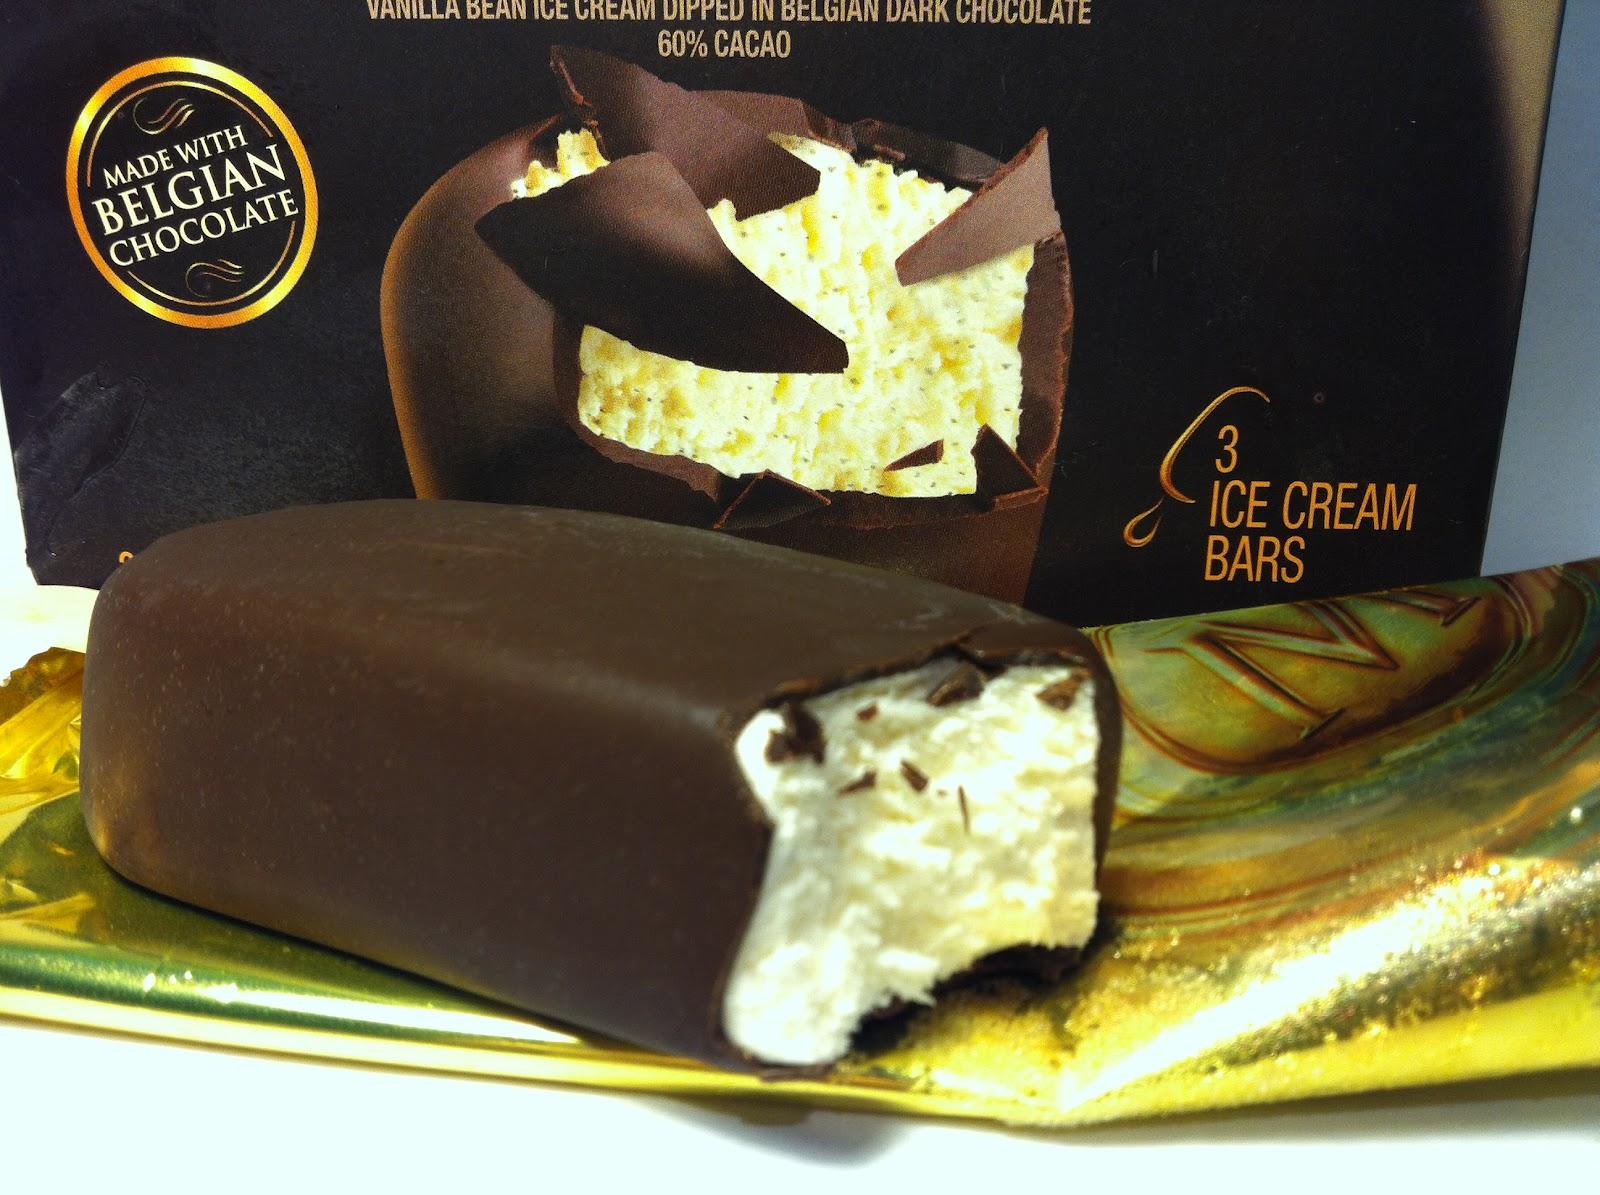 Crazy Food Dude: Review: Magnum Dark Chocolate Ice Cream Bar